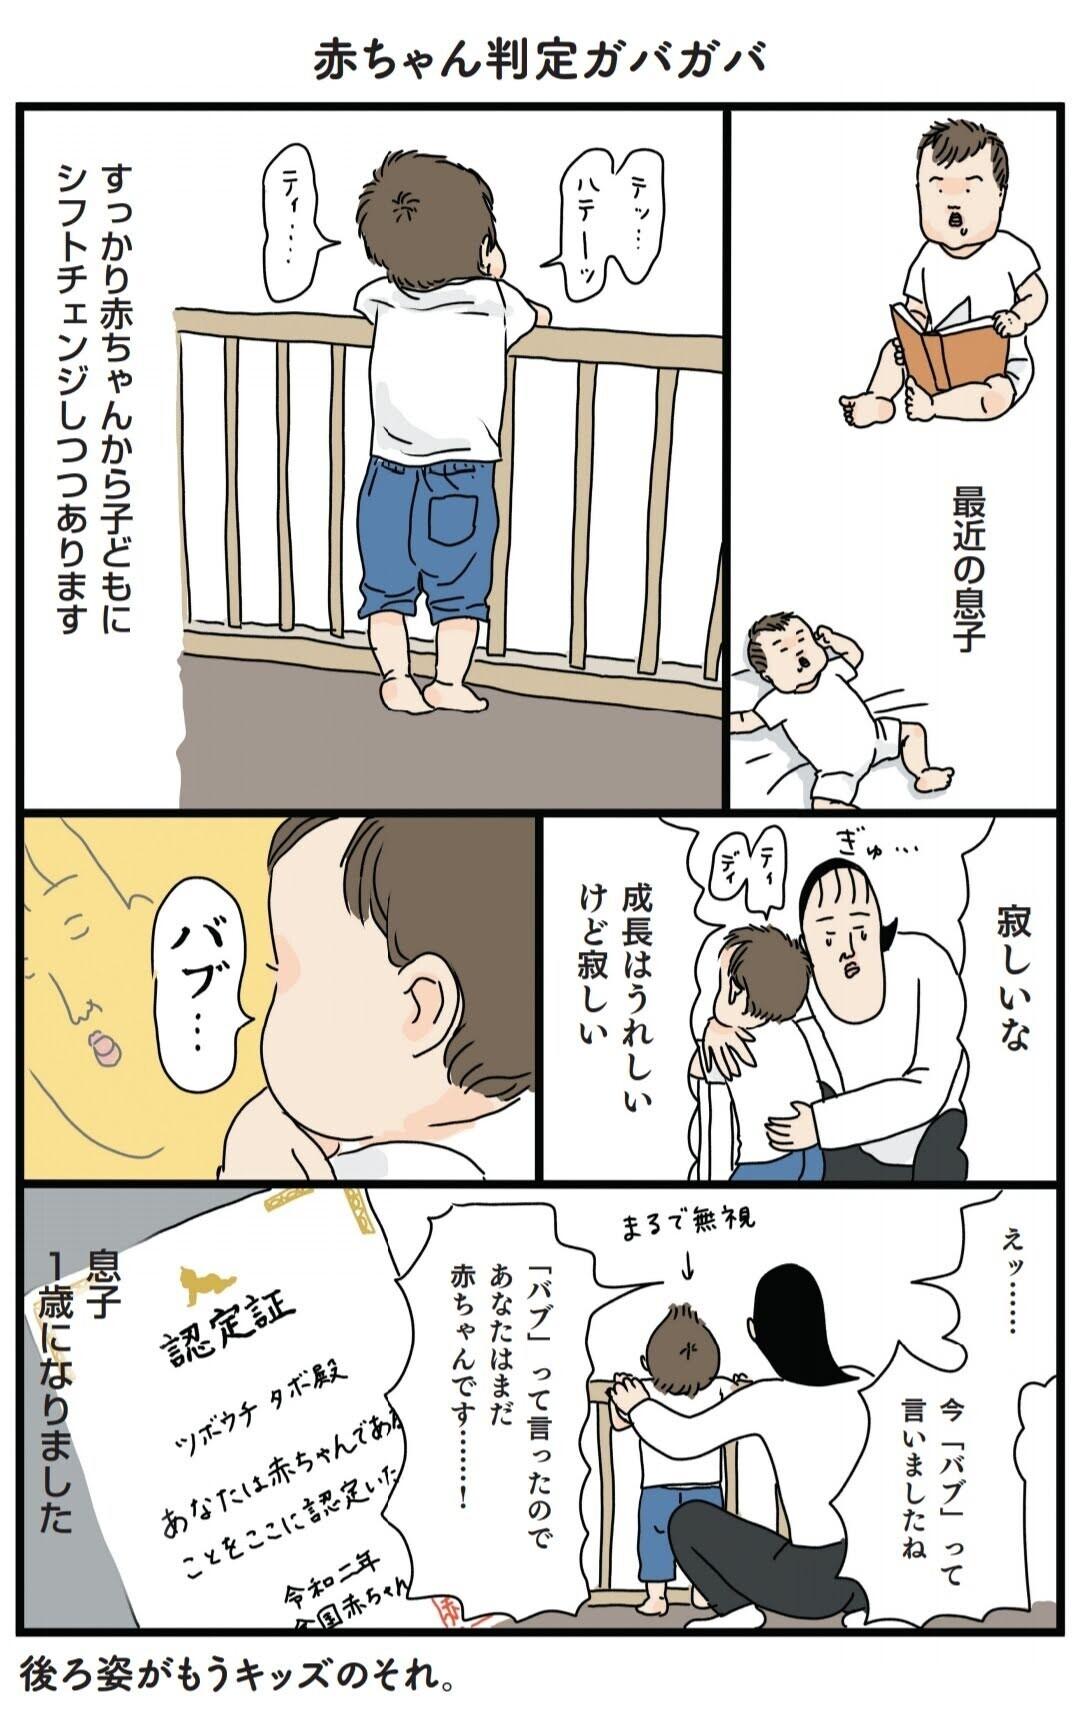 赤ちゃんから子どもへの成長が寂しい…「赤ちゃん判定」したくなるママの気持ち【フリースタイル家族 Vol.12】